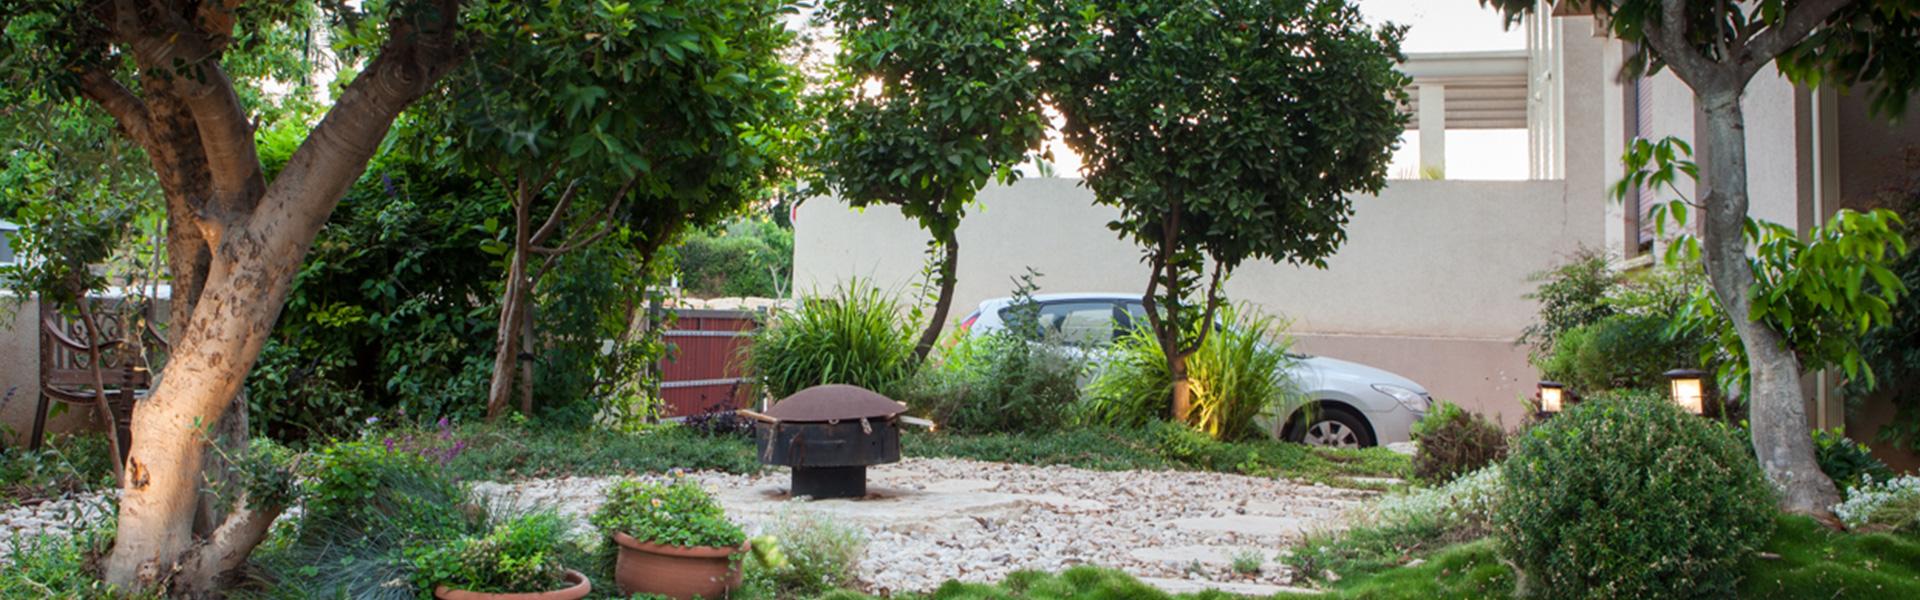 פינות מדורה בגינה